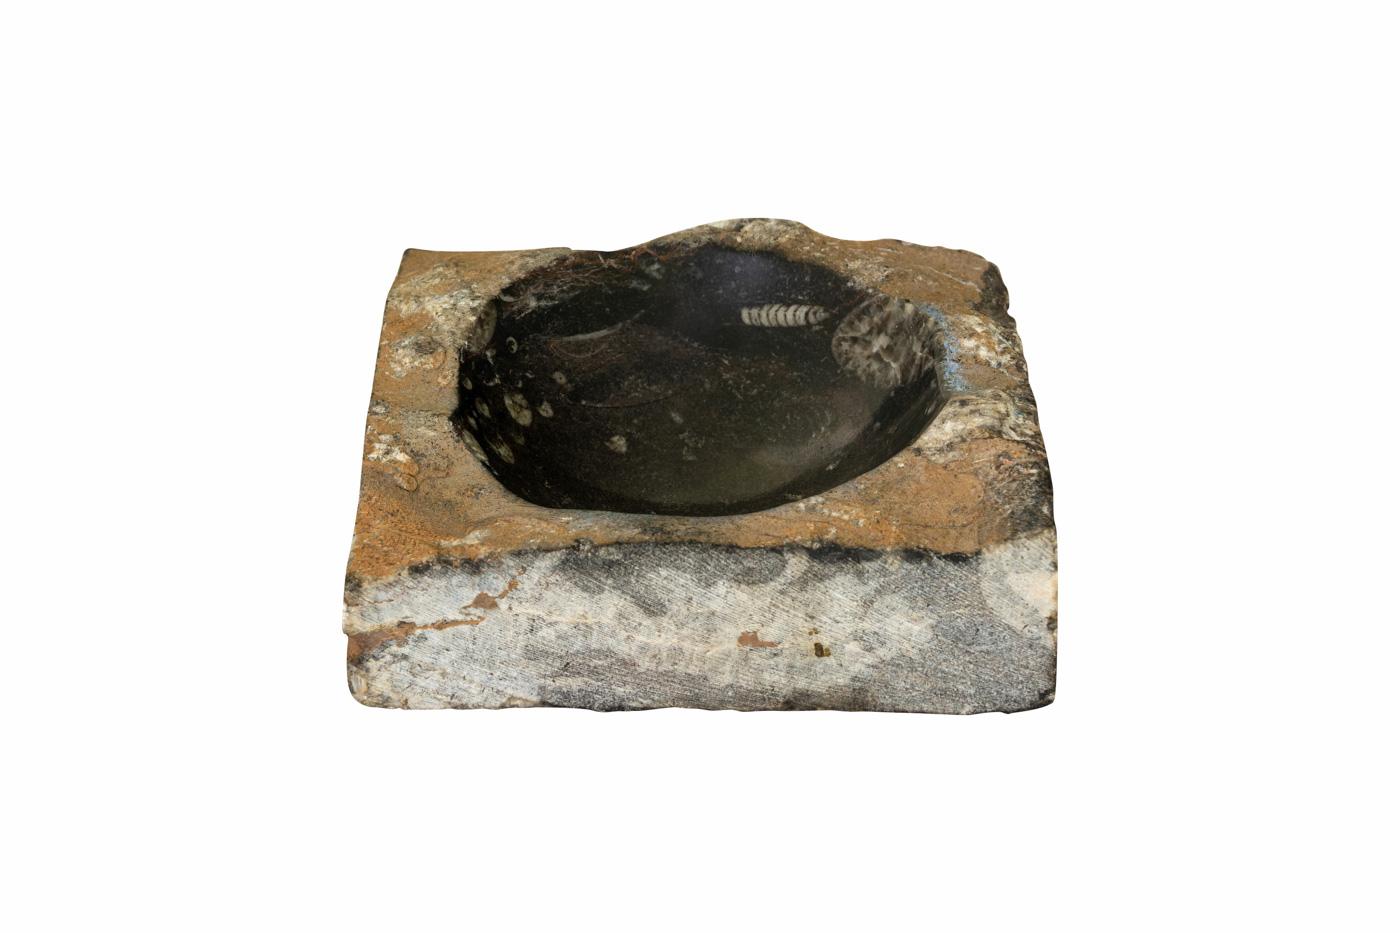 Moroccan fossilized ashtray